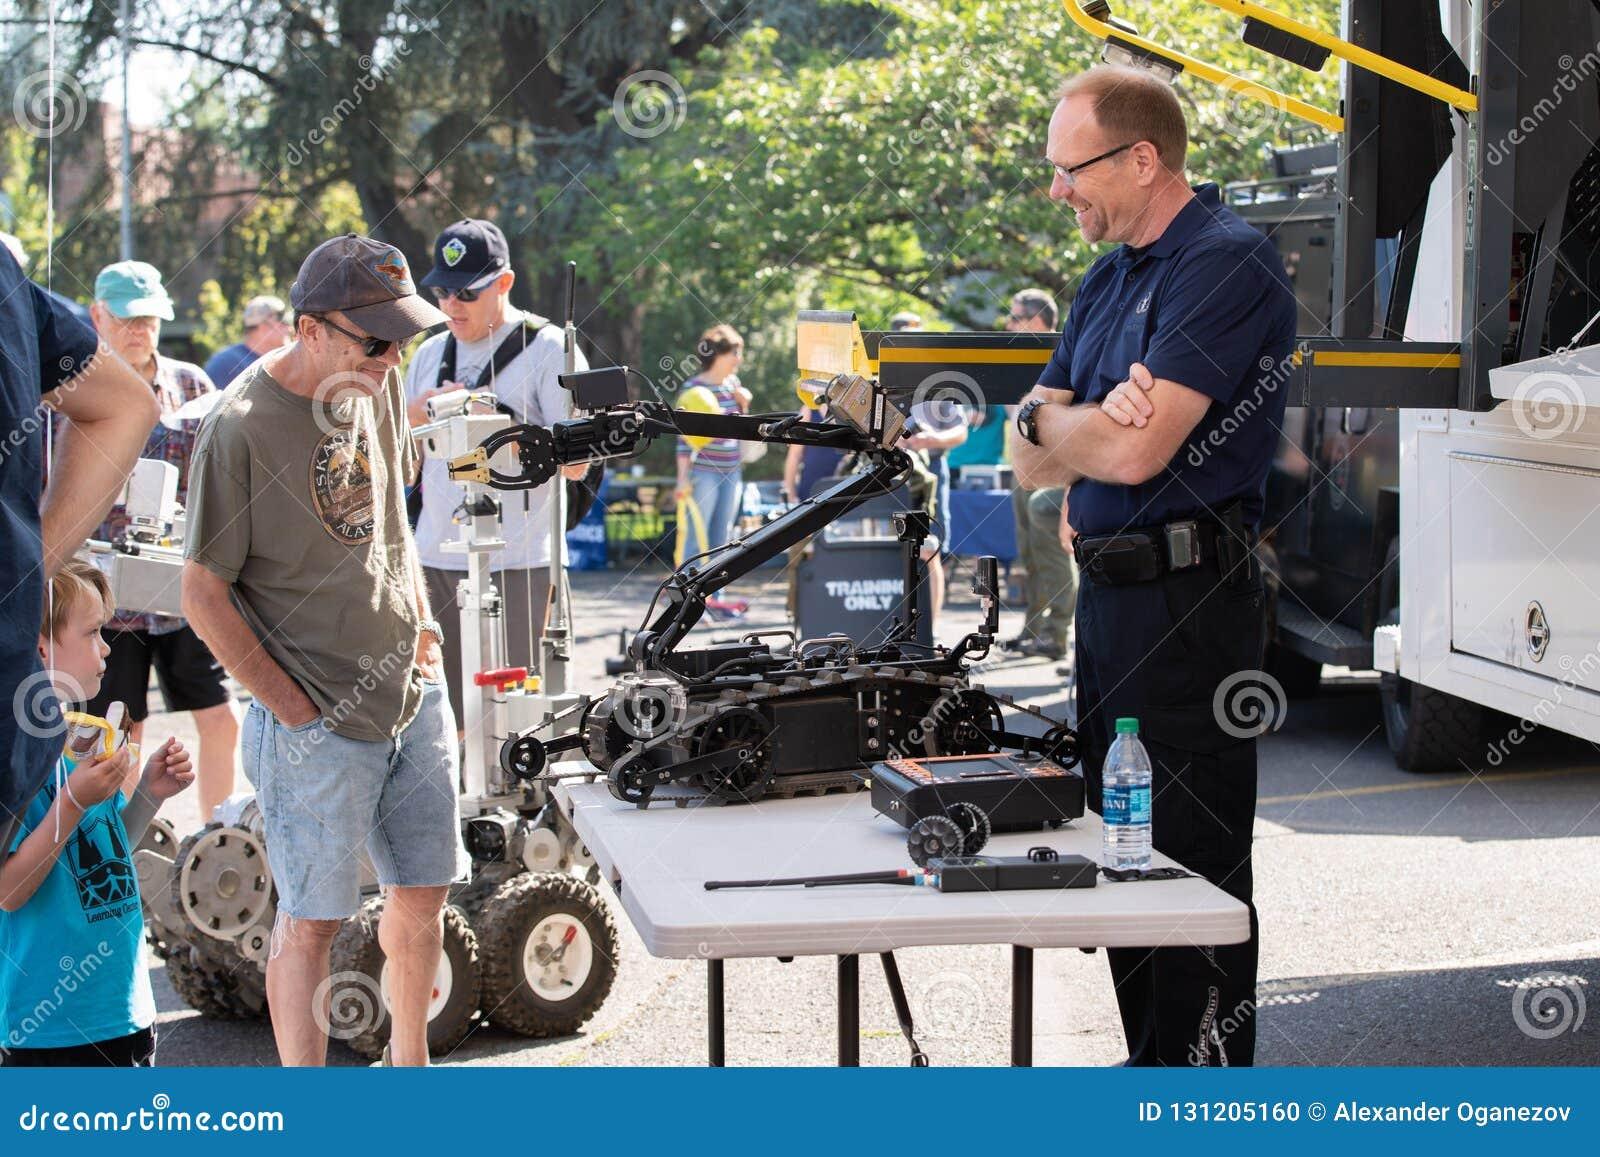 Робот диффузии бомбы используемый полицией